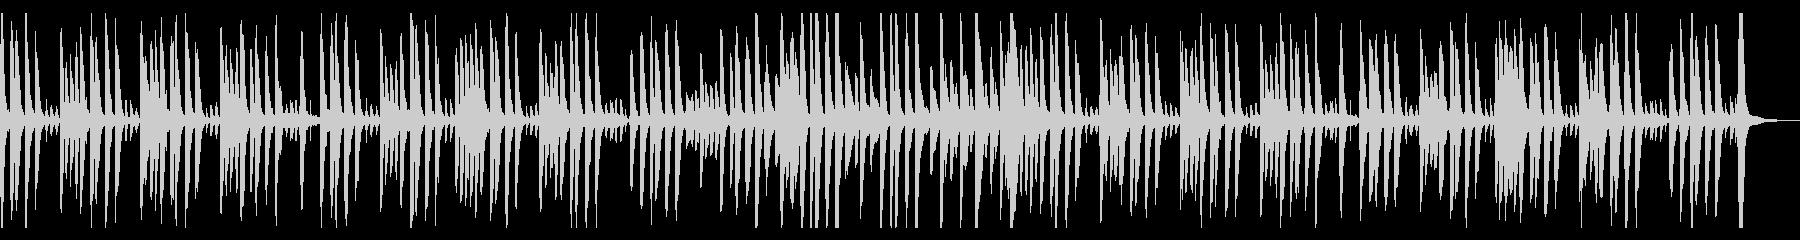 ピアノとマリンバでほのぼの日常シーンの未再生の波形